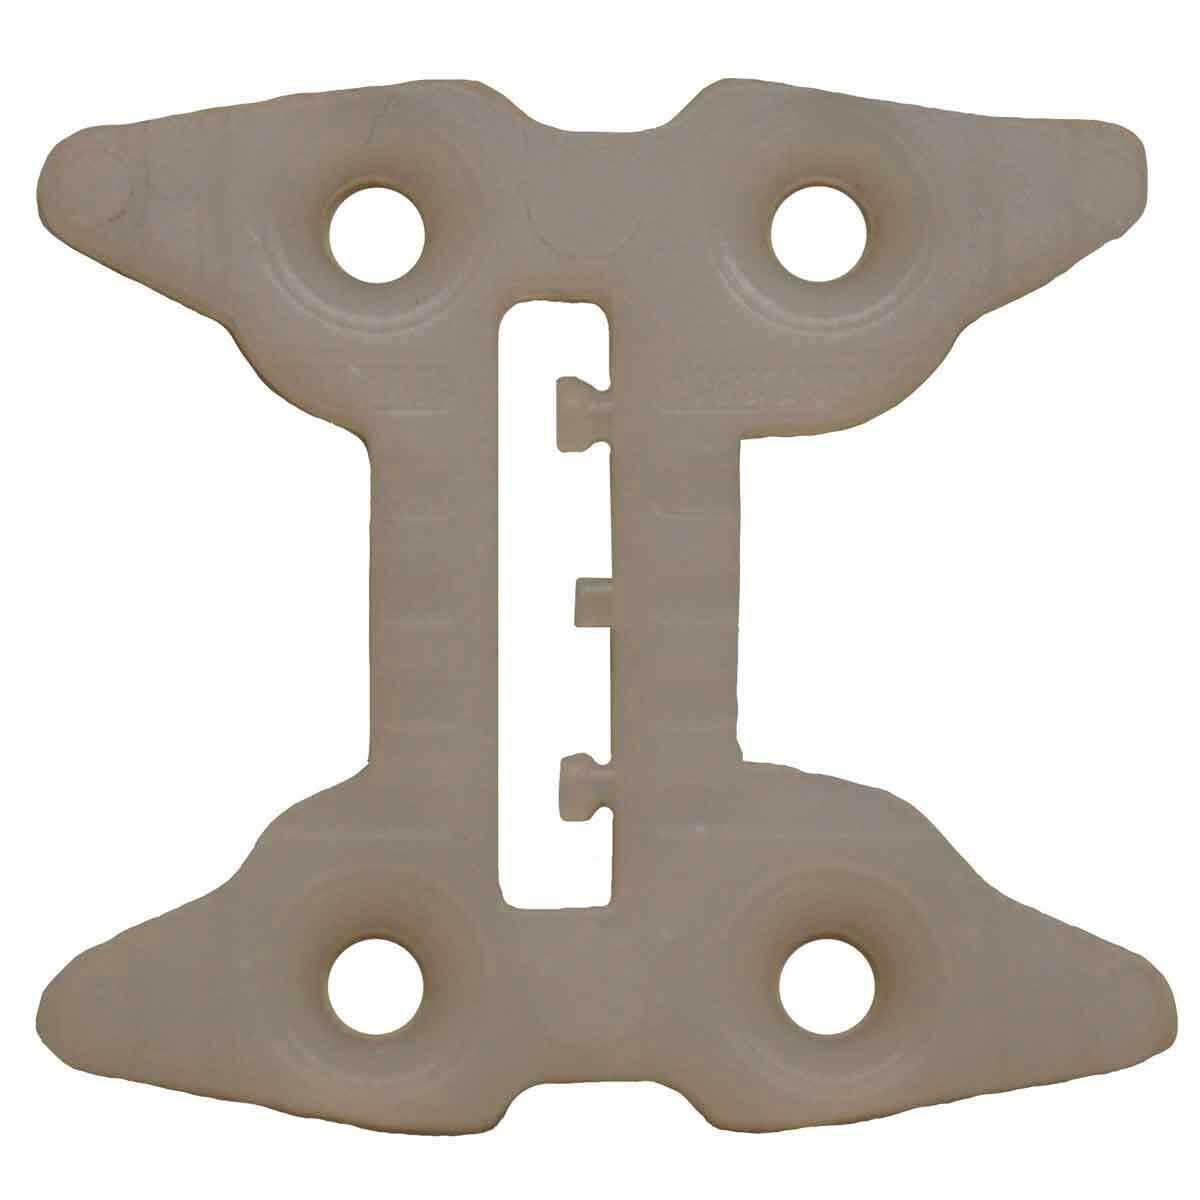 MLT Leveling System Porcelain Base Plates